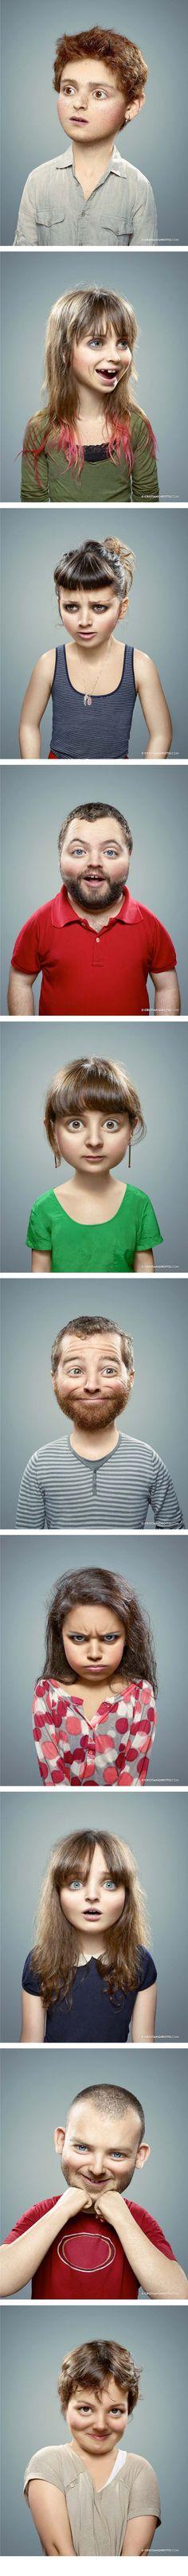 Adultos retocados con Photoshop como si fueran niños